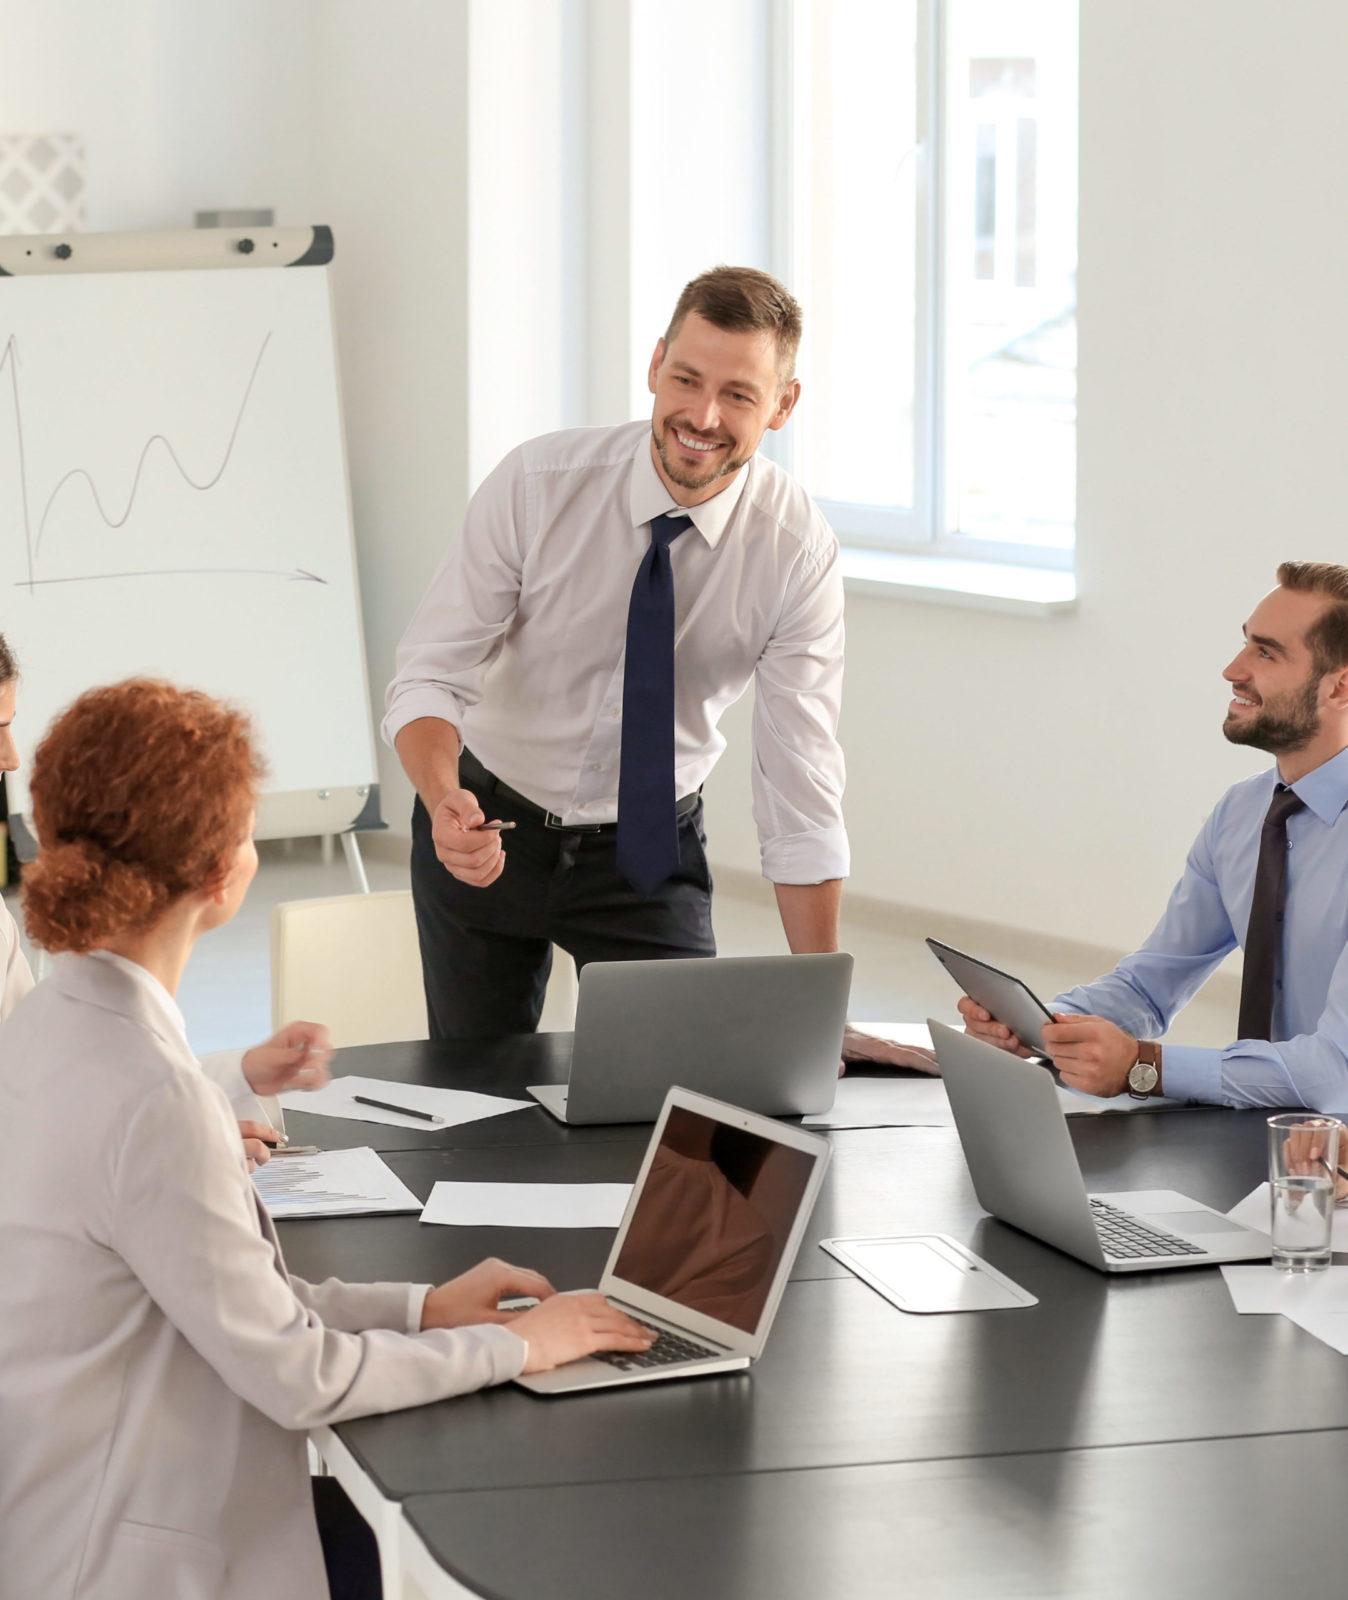 homme présentant un projet devant des collègues